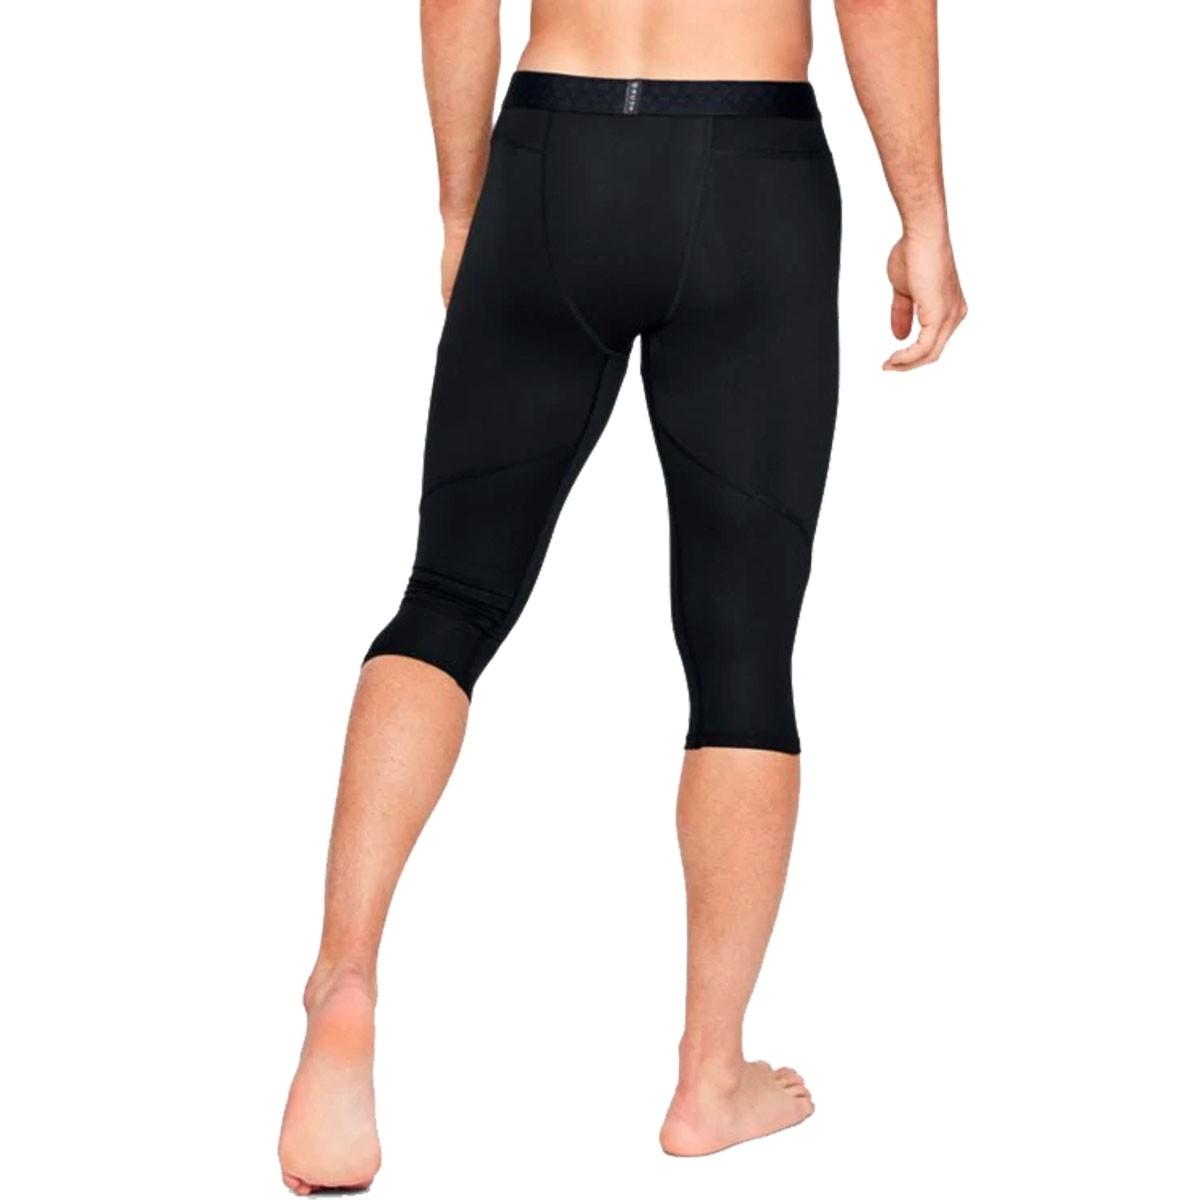 UA Select Rush Knee Tight 'Black' 1342996-001